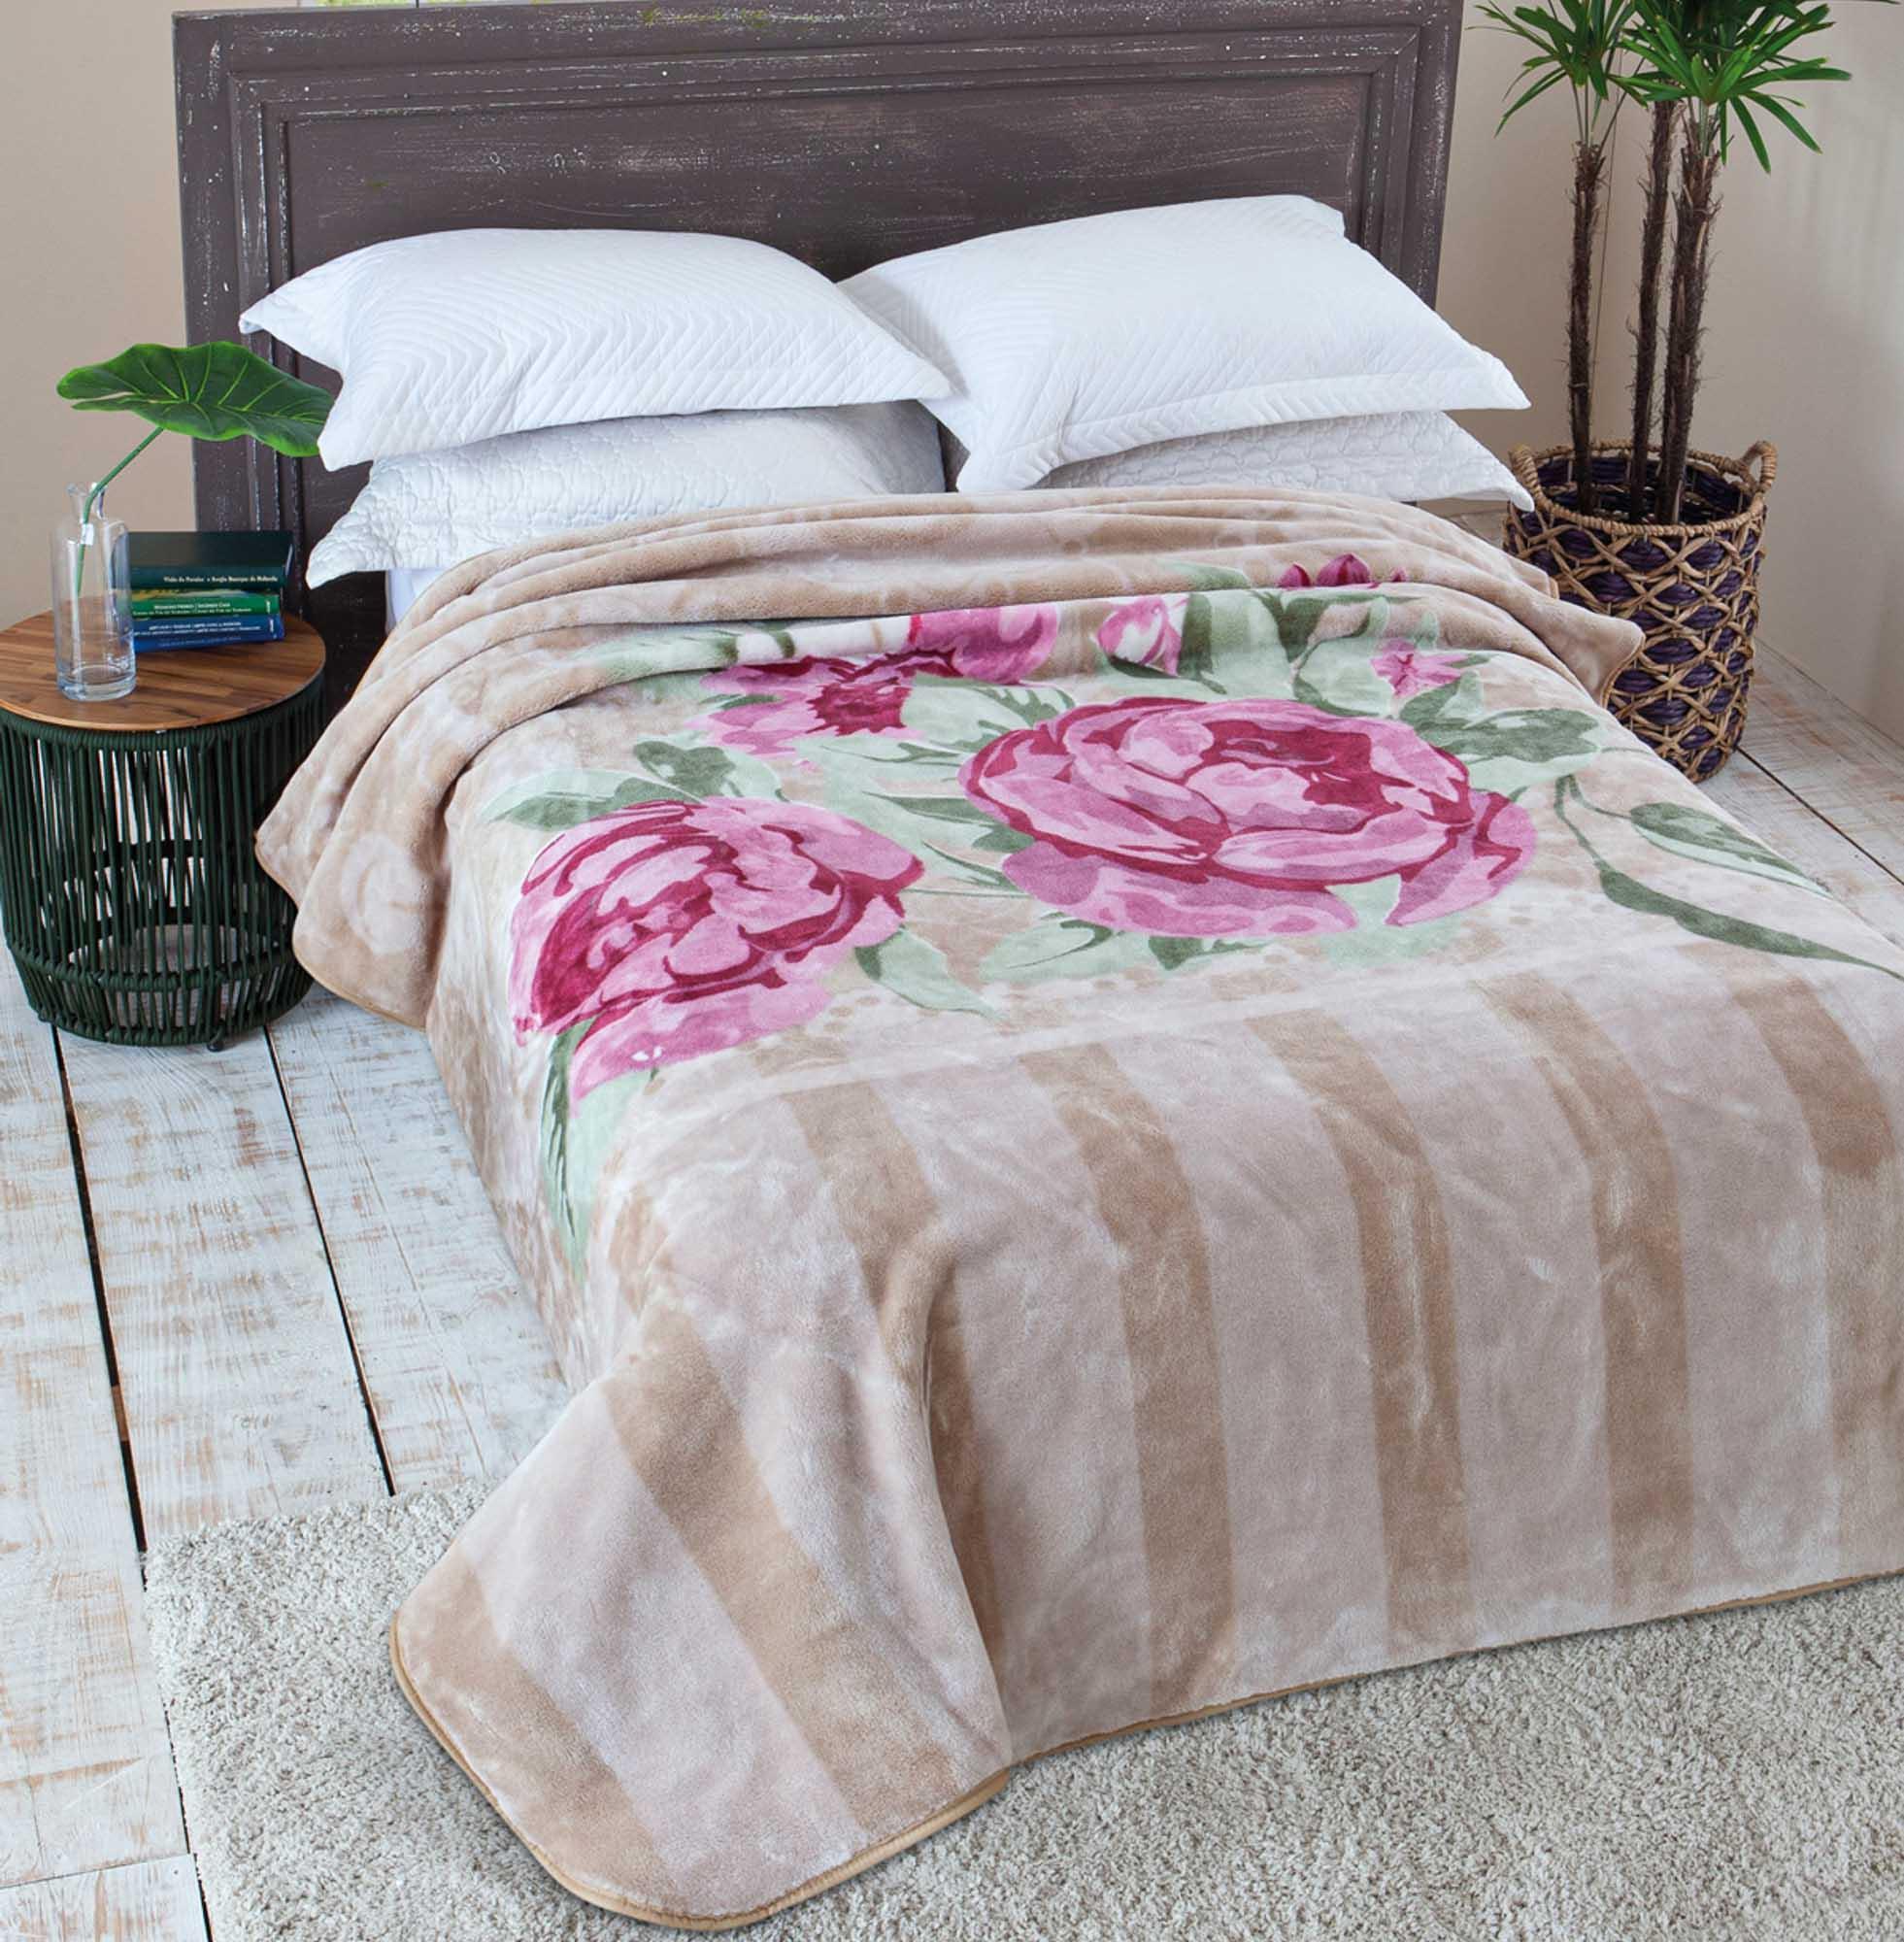 Cobertor Jolitex Raschel Casal 1,80x2,20m Primore Bege